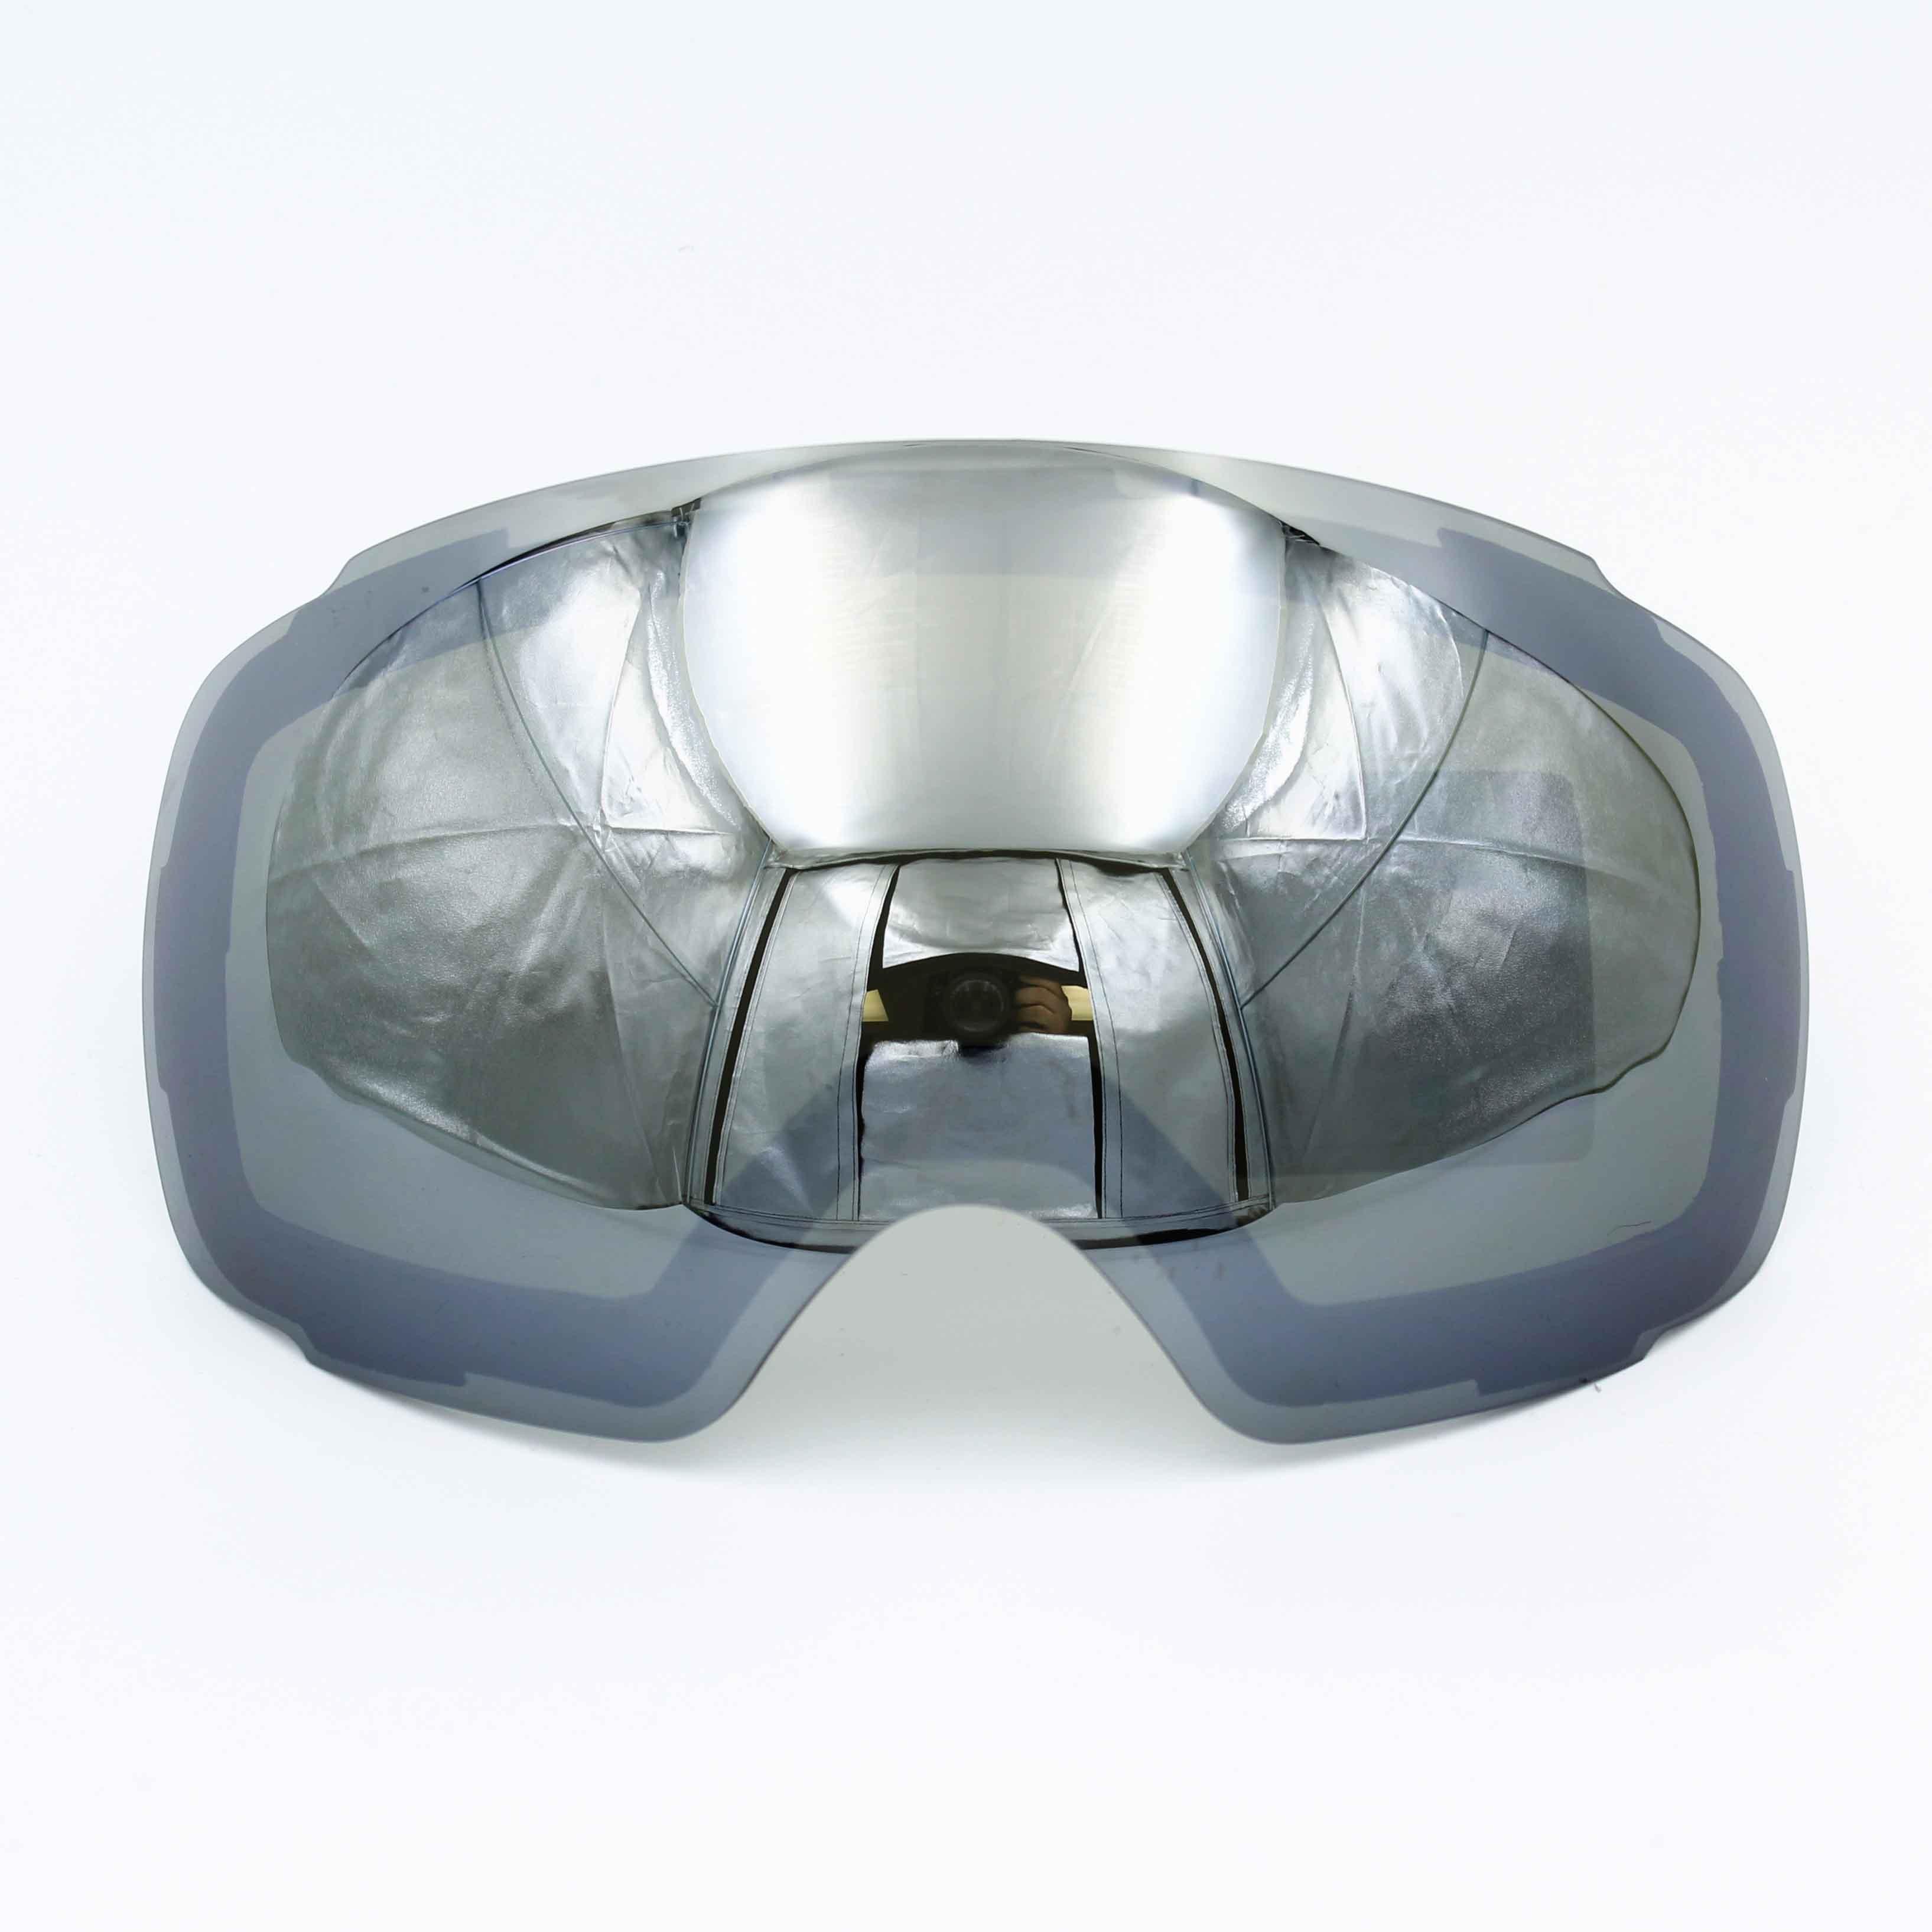 Ediors Detachable Mirror Lens for Winter Snowboard Ski Goggles